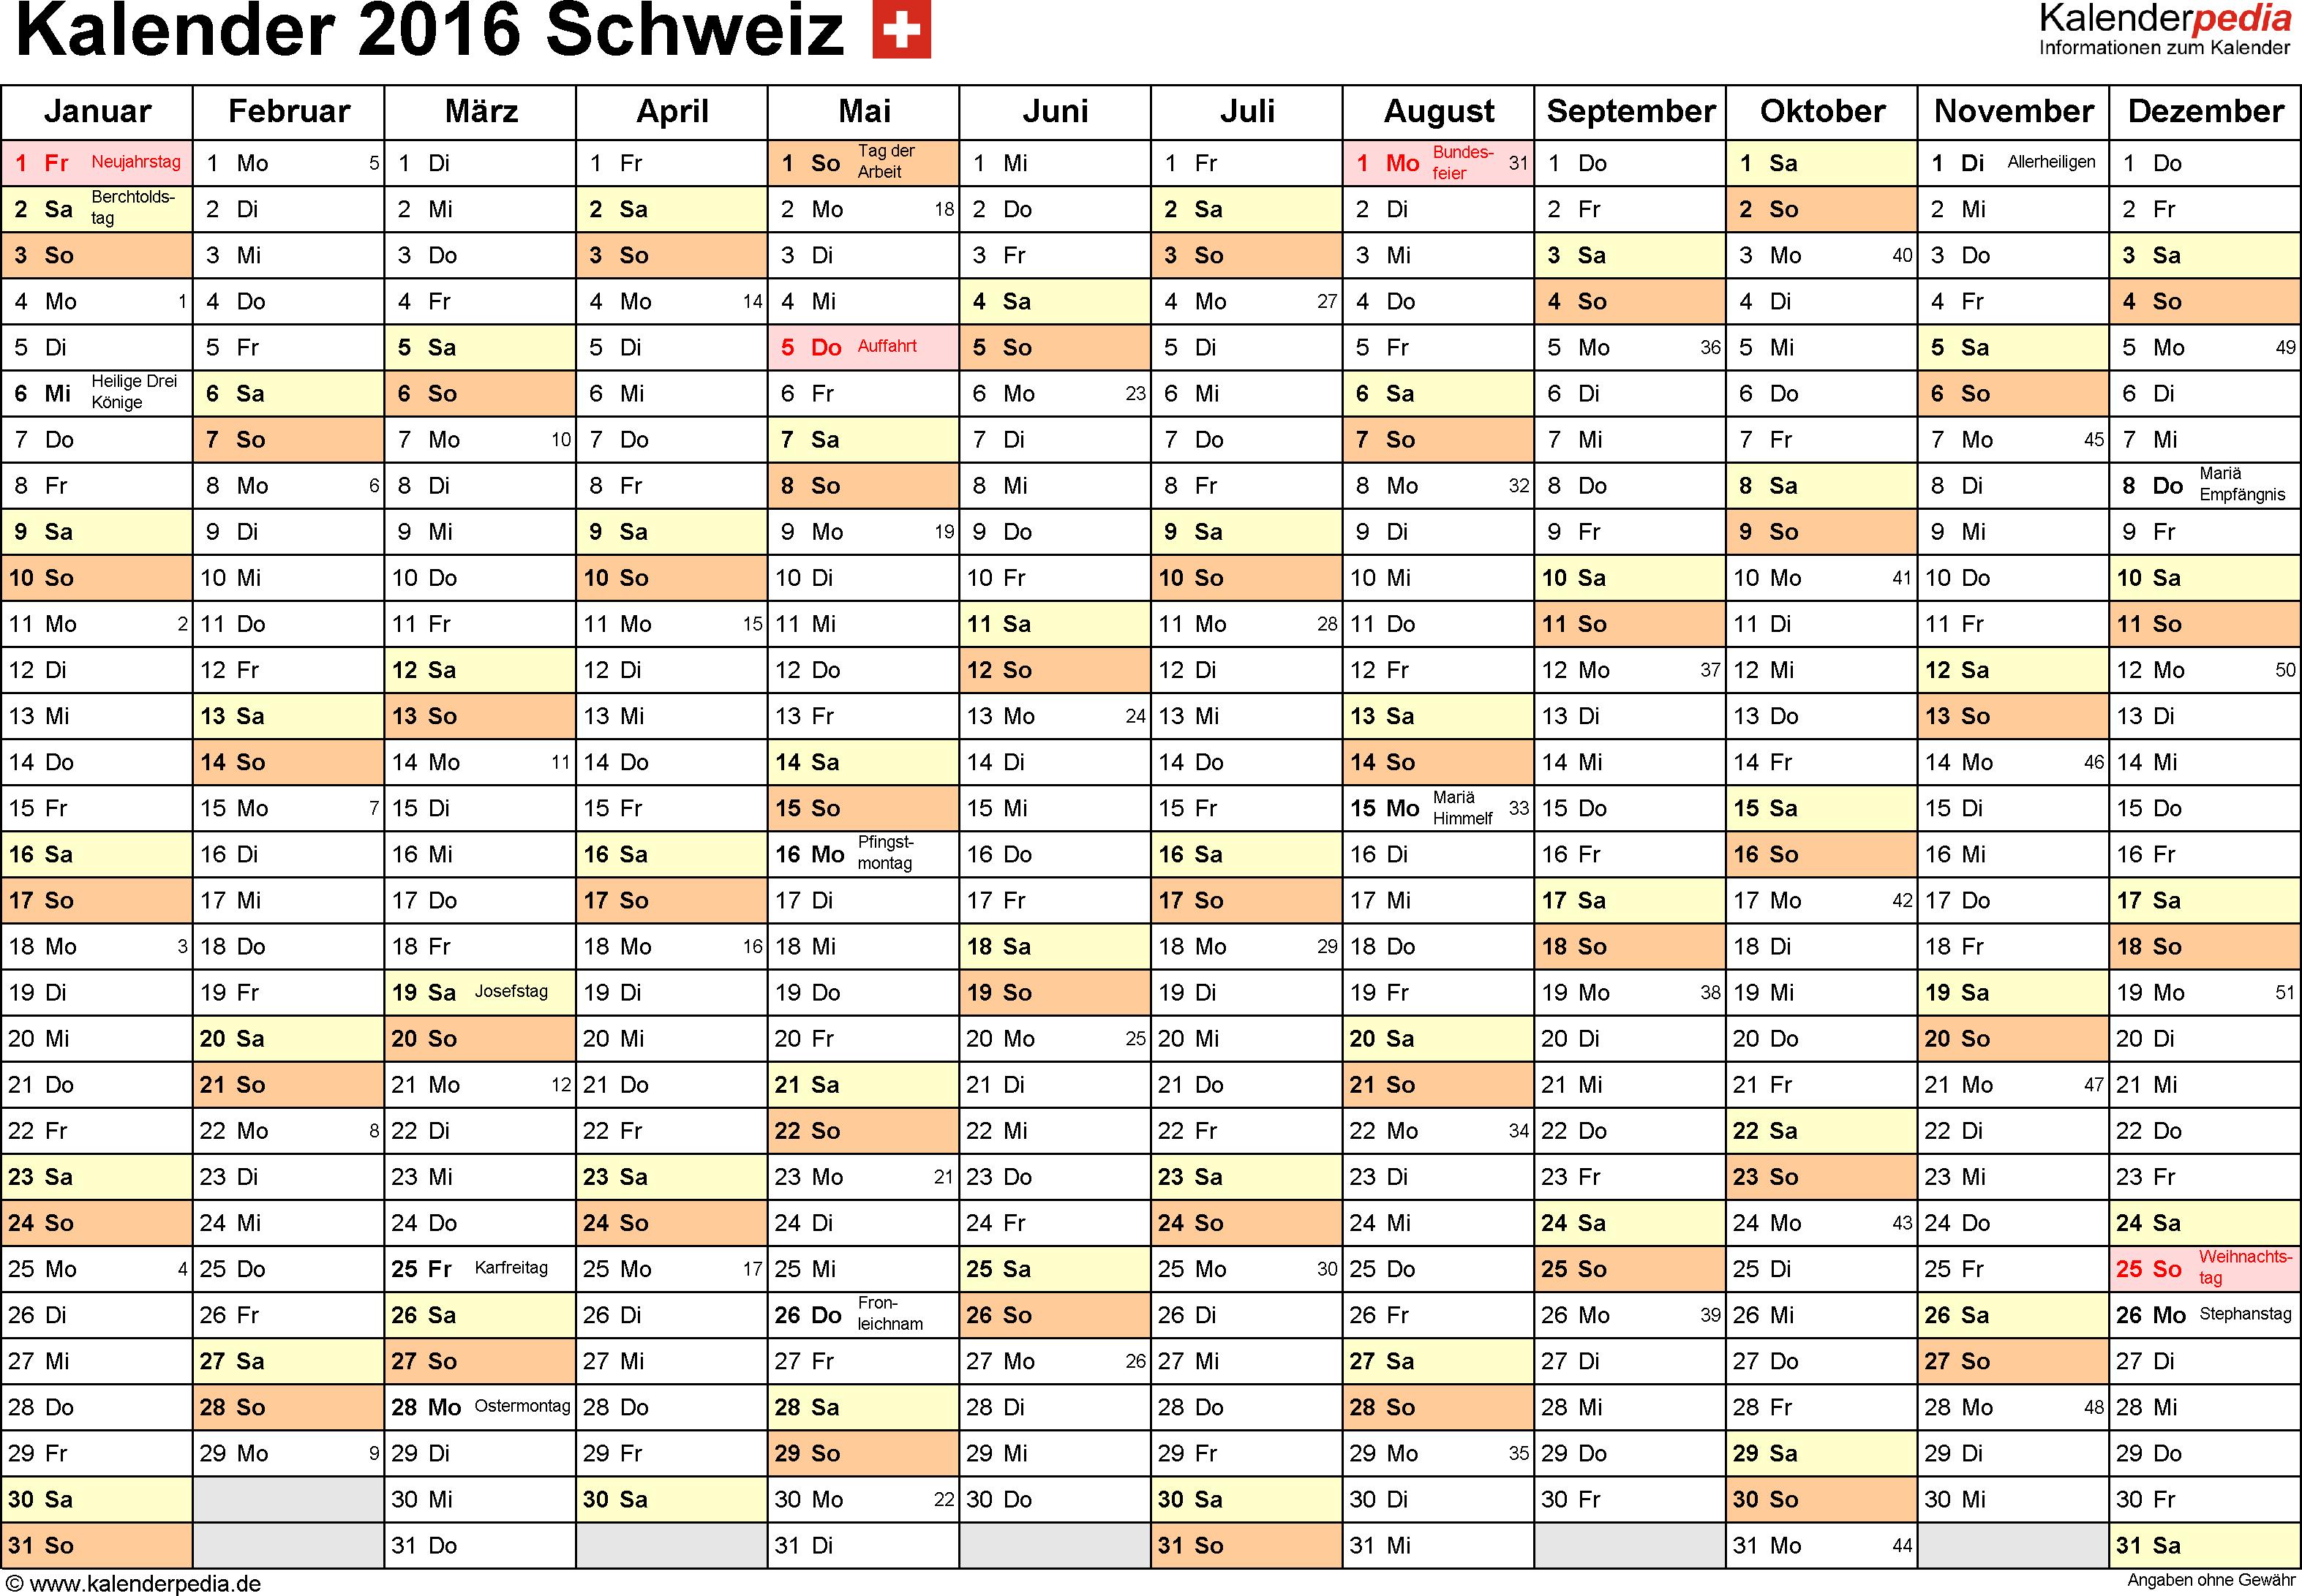 Word-Kalender 2016 Vorlage 2: Querformat, 1 Seite, Monate nebeneinander